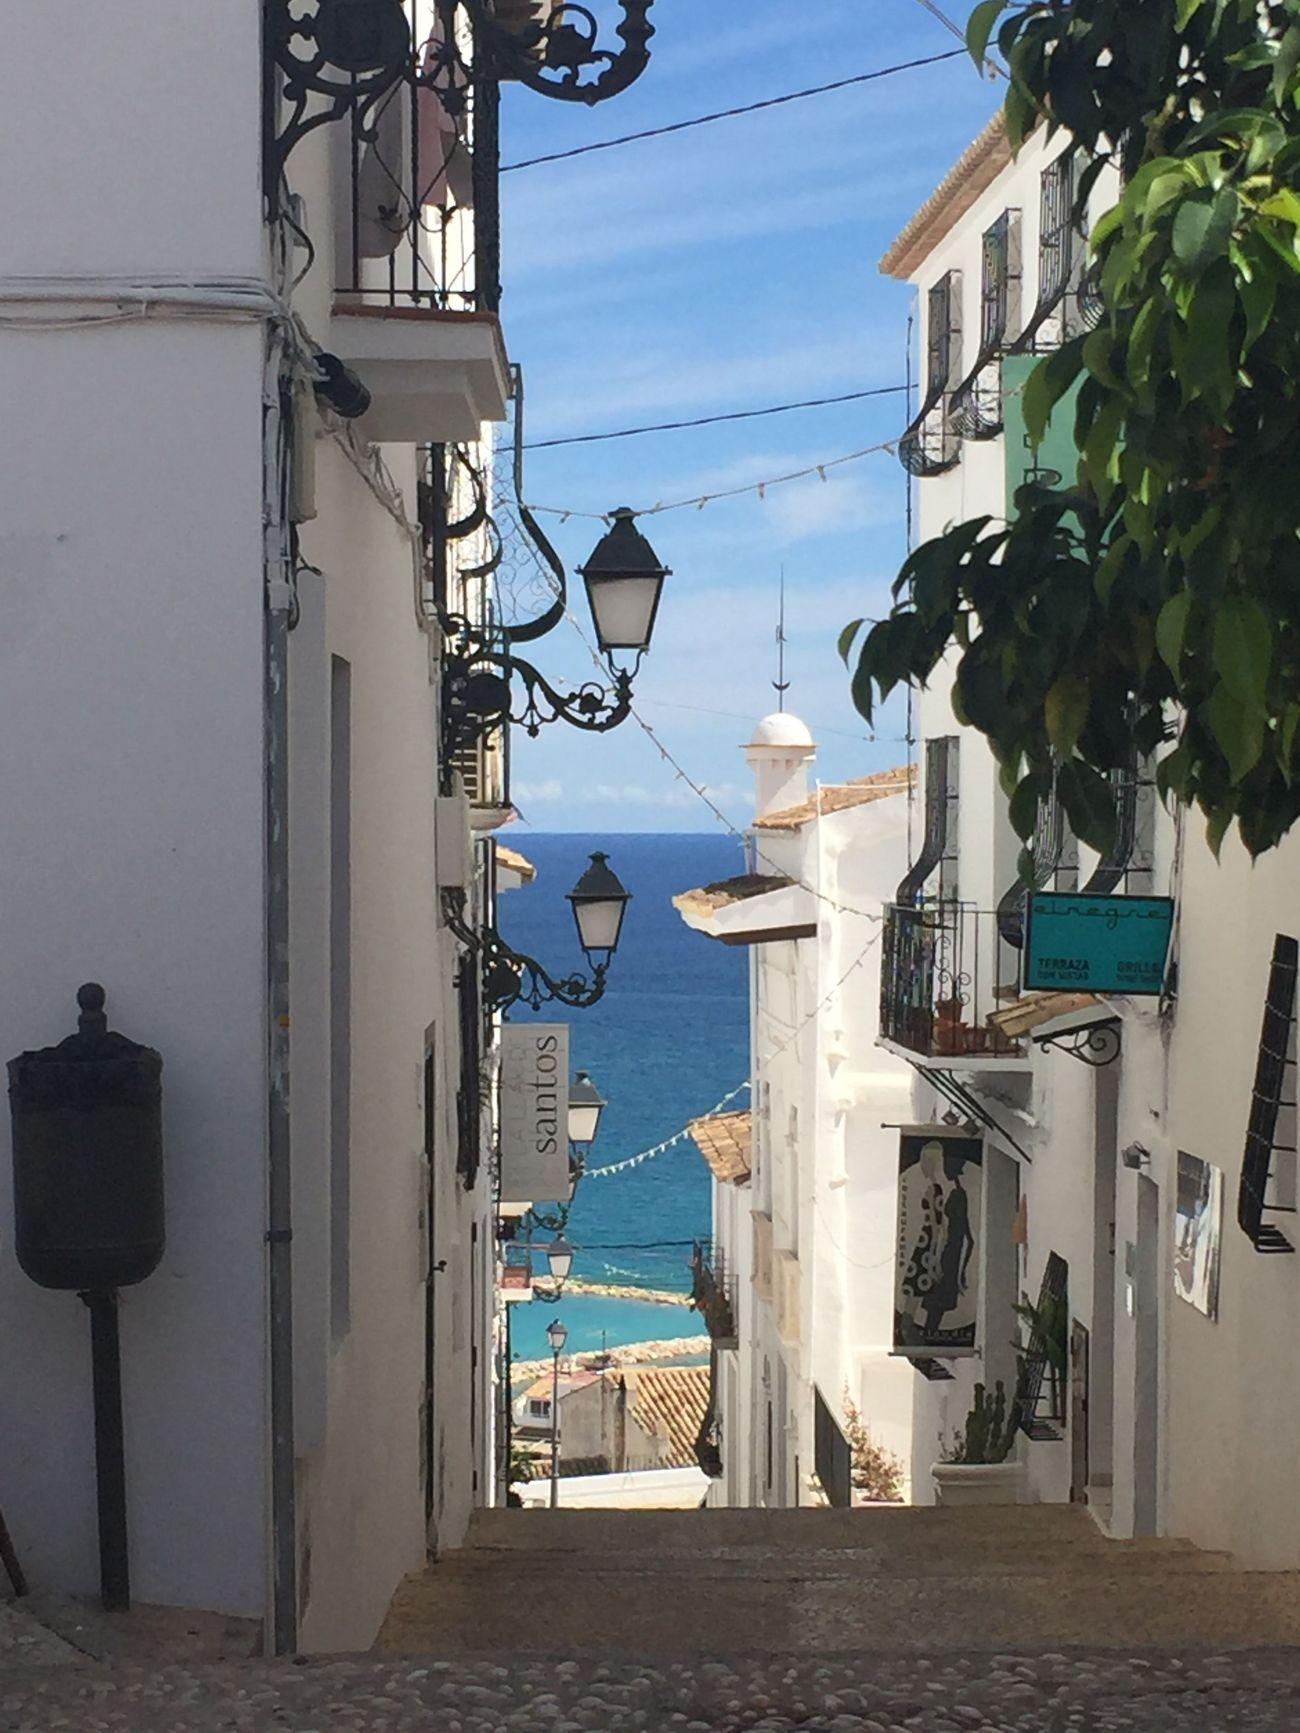 SPAIN Romantic Place Altea Comunidad Valenciana Mediterranean  Pueblos De España Architecture Outdoors No People